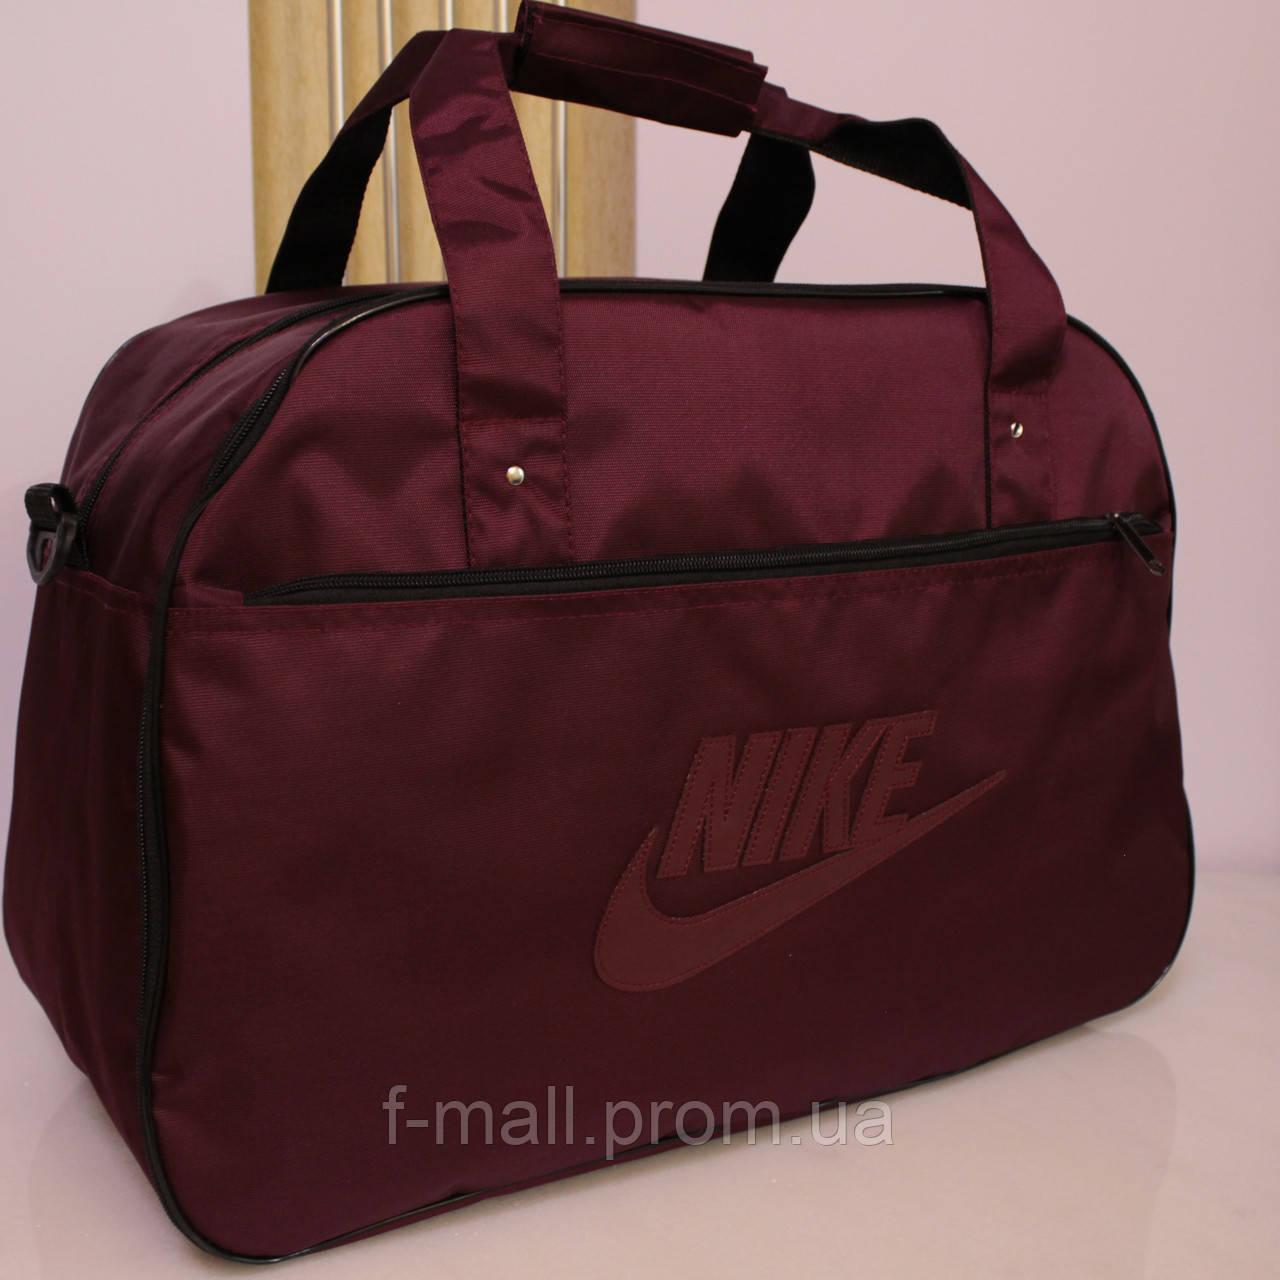 Дорожная сумка спортивная женская Nike 40 л бордовая